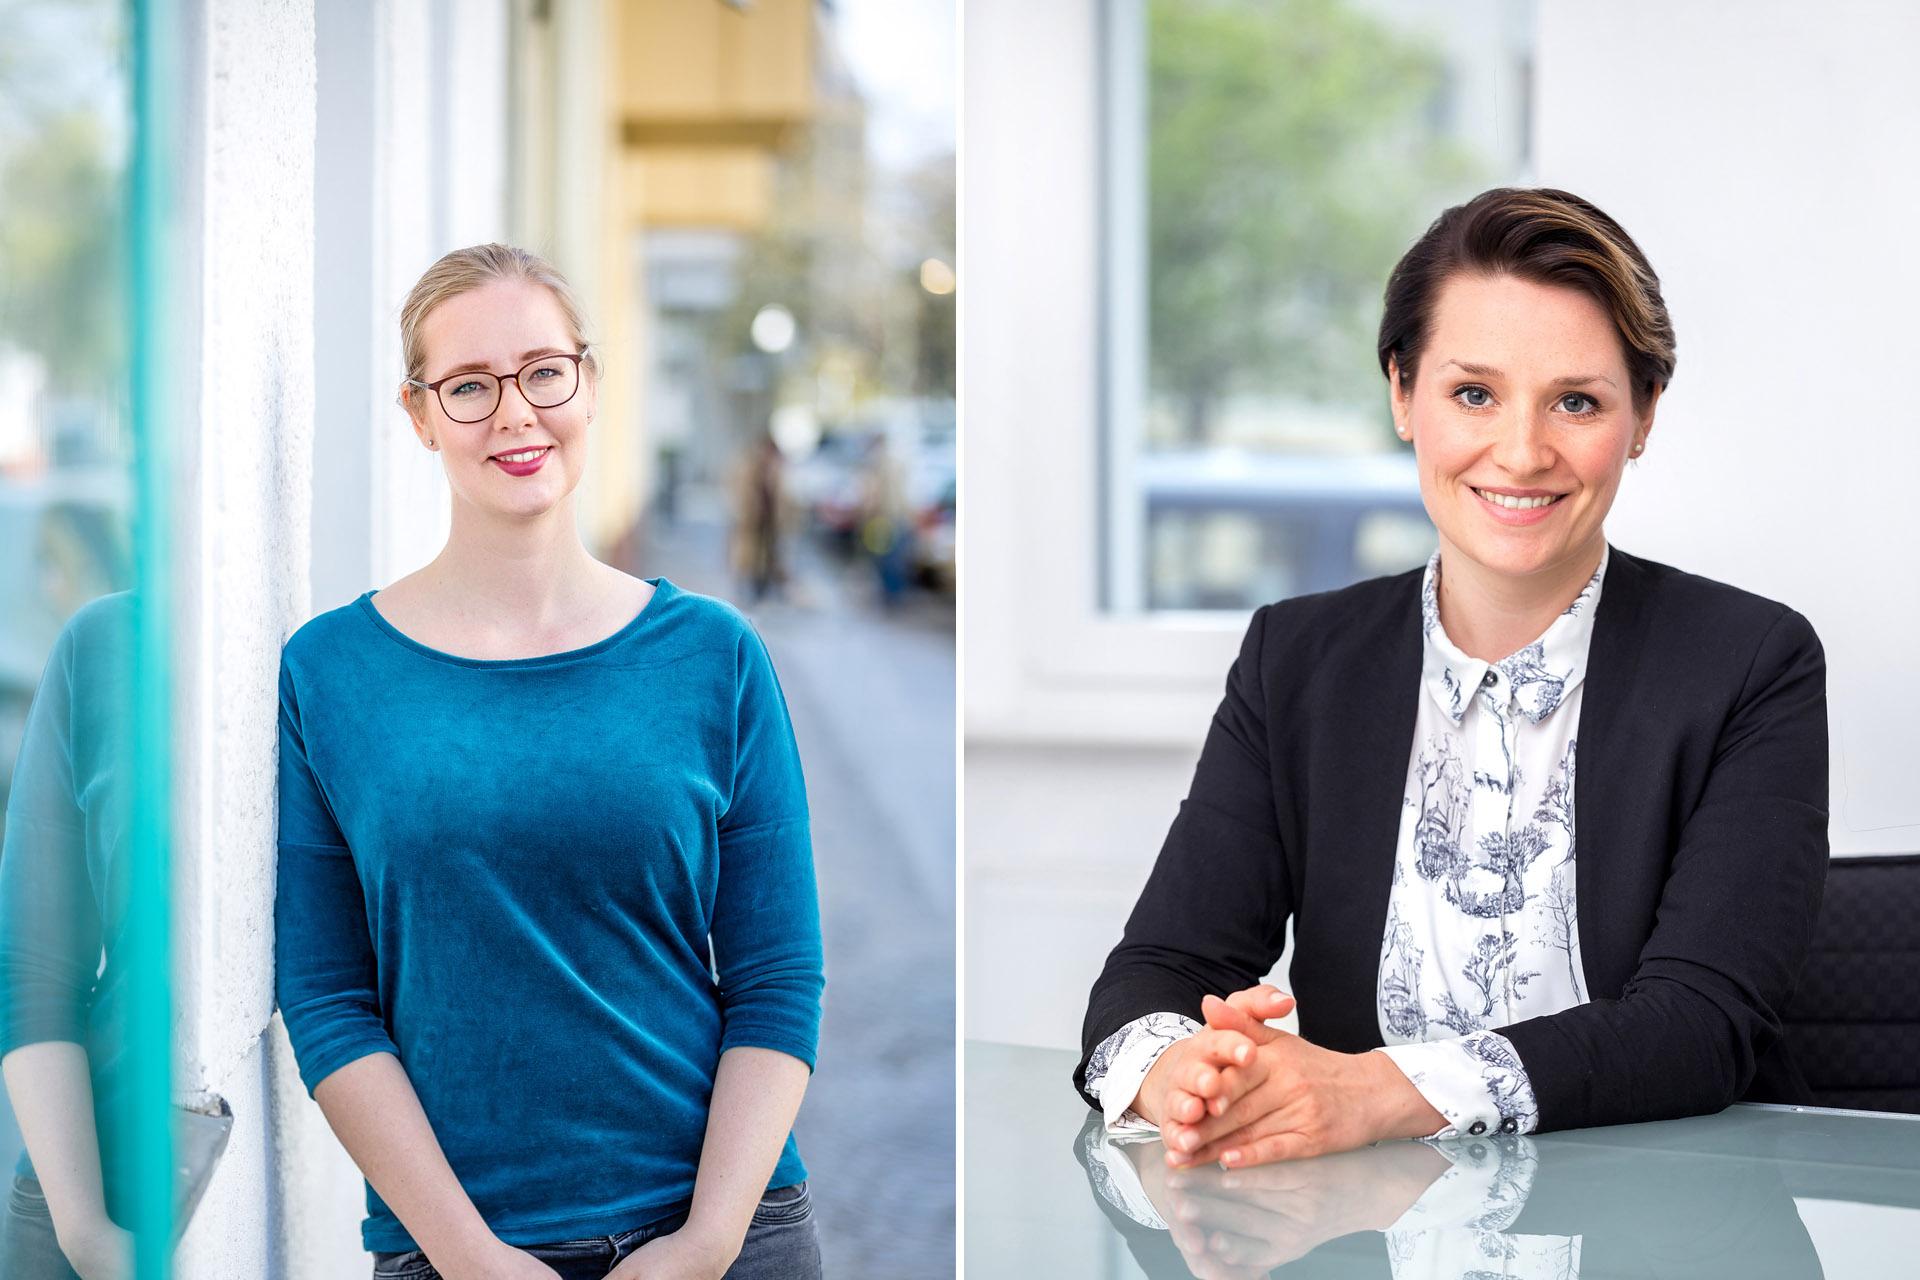 Businessportraitsfotos -Businessfrauen